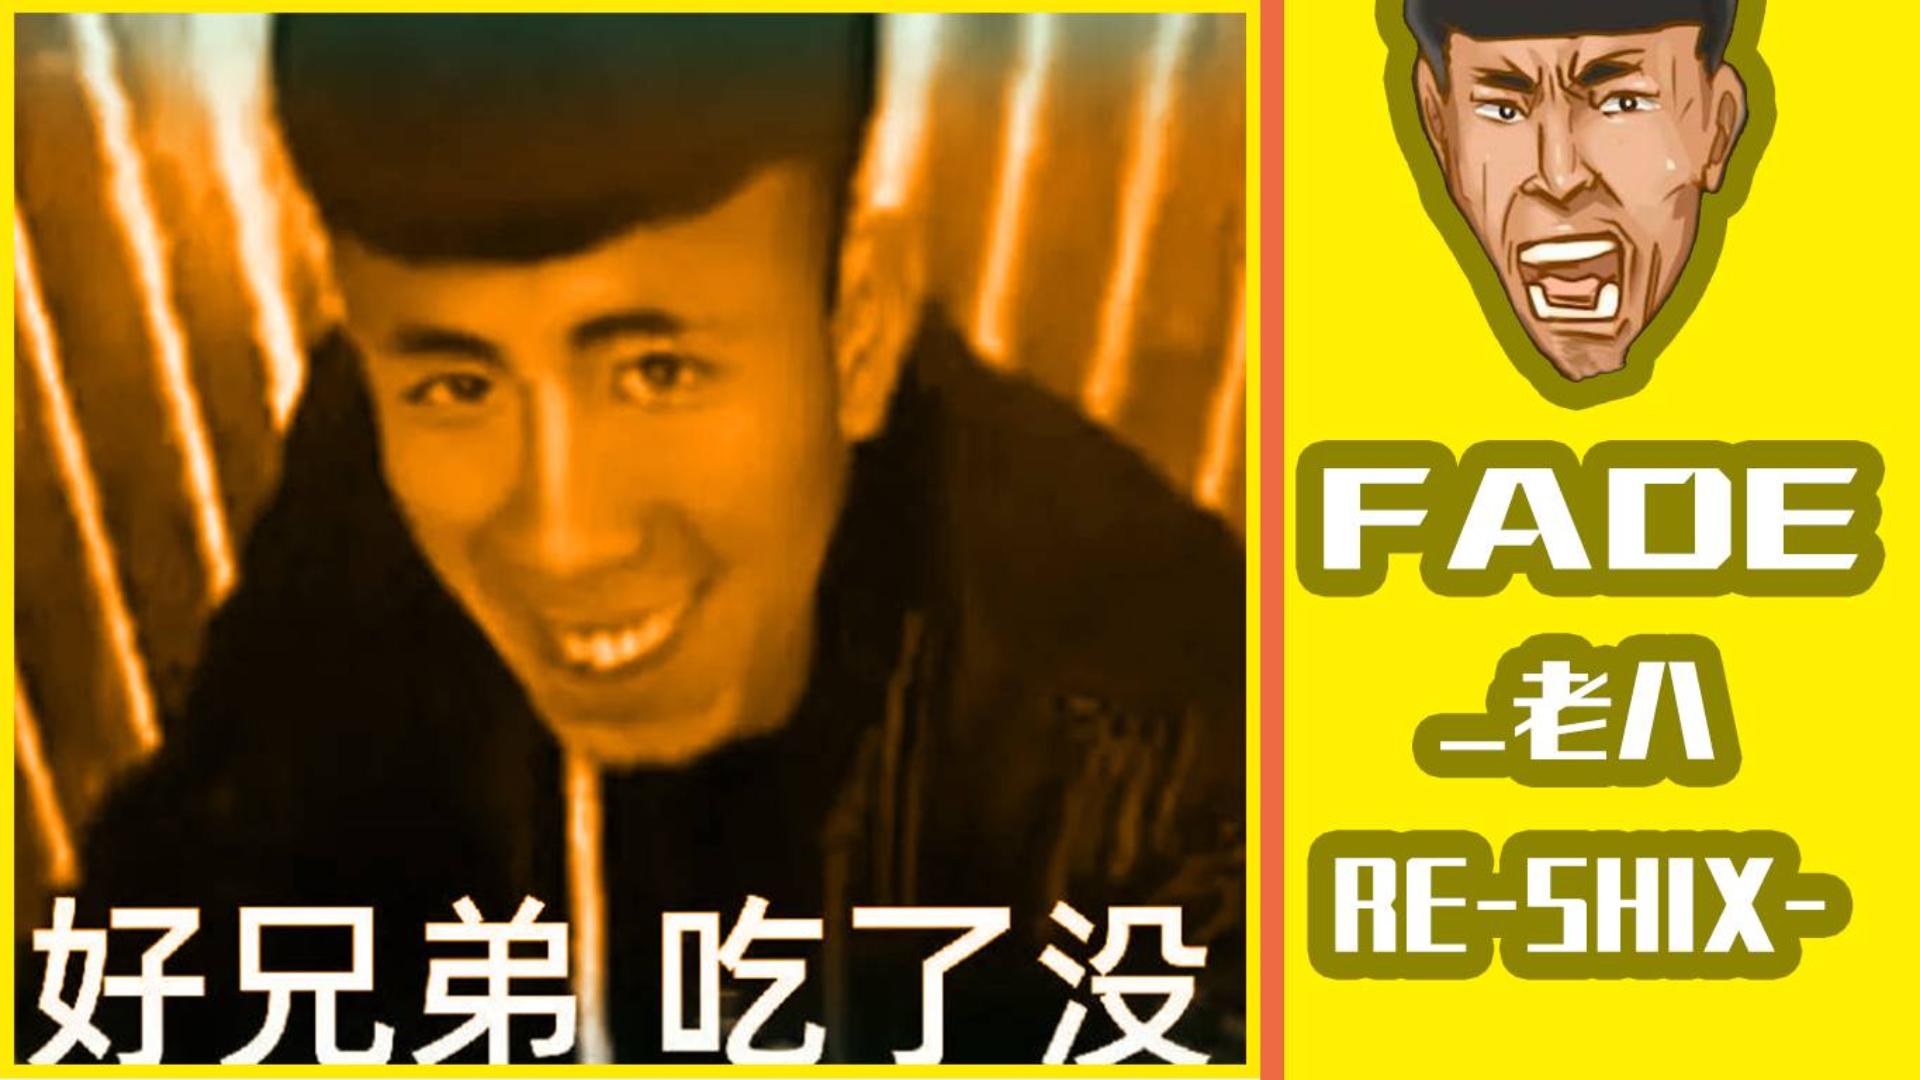 【撤硕专辑】Fade-老八(re-shit)